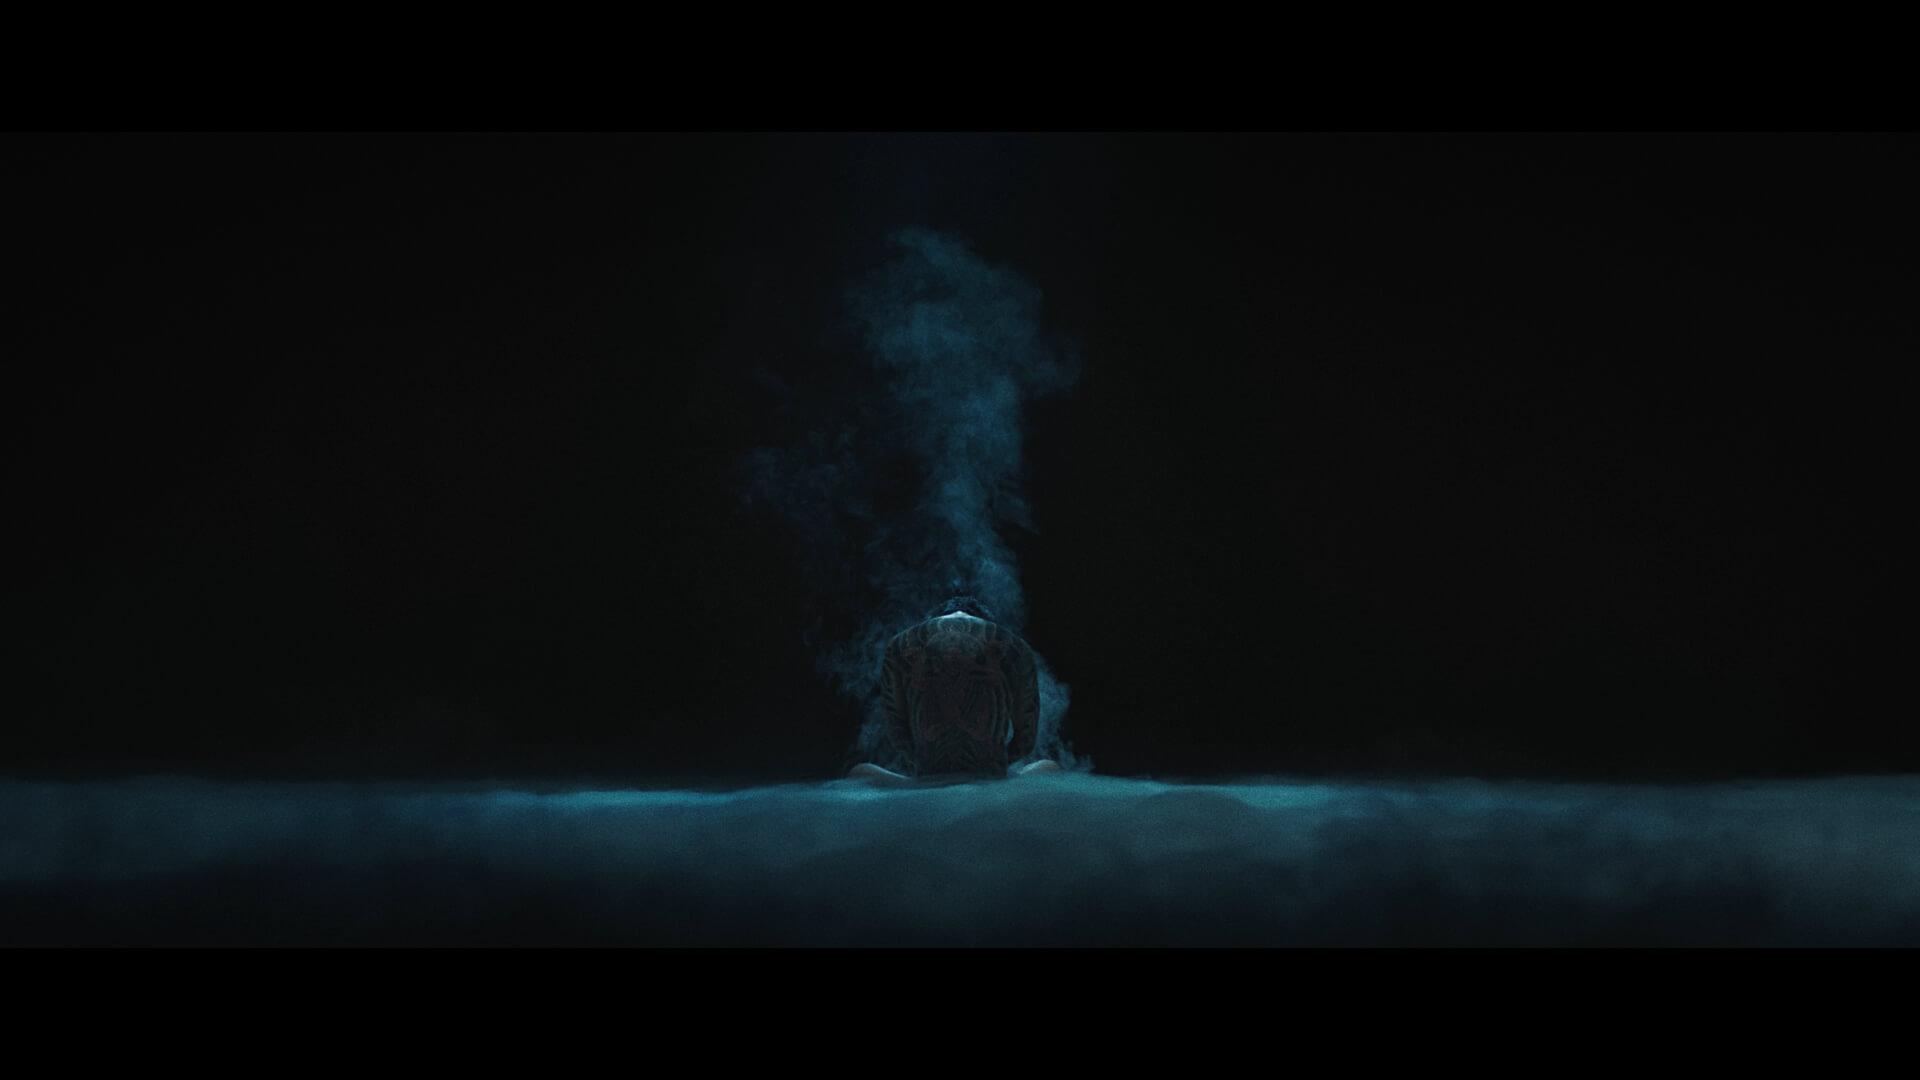 """常田大希率いるmillennium paradeの新曲""""FAMILIA""""がついに配信リリース!MVは同時視聴者数、驚異の2万人超え music210122_millenniumparade_8"""